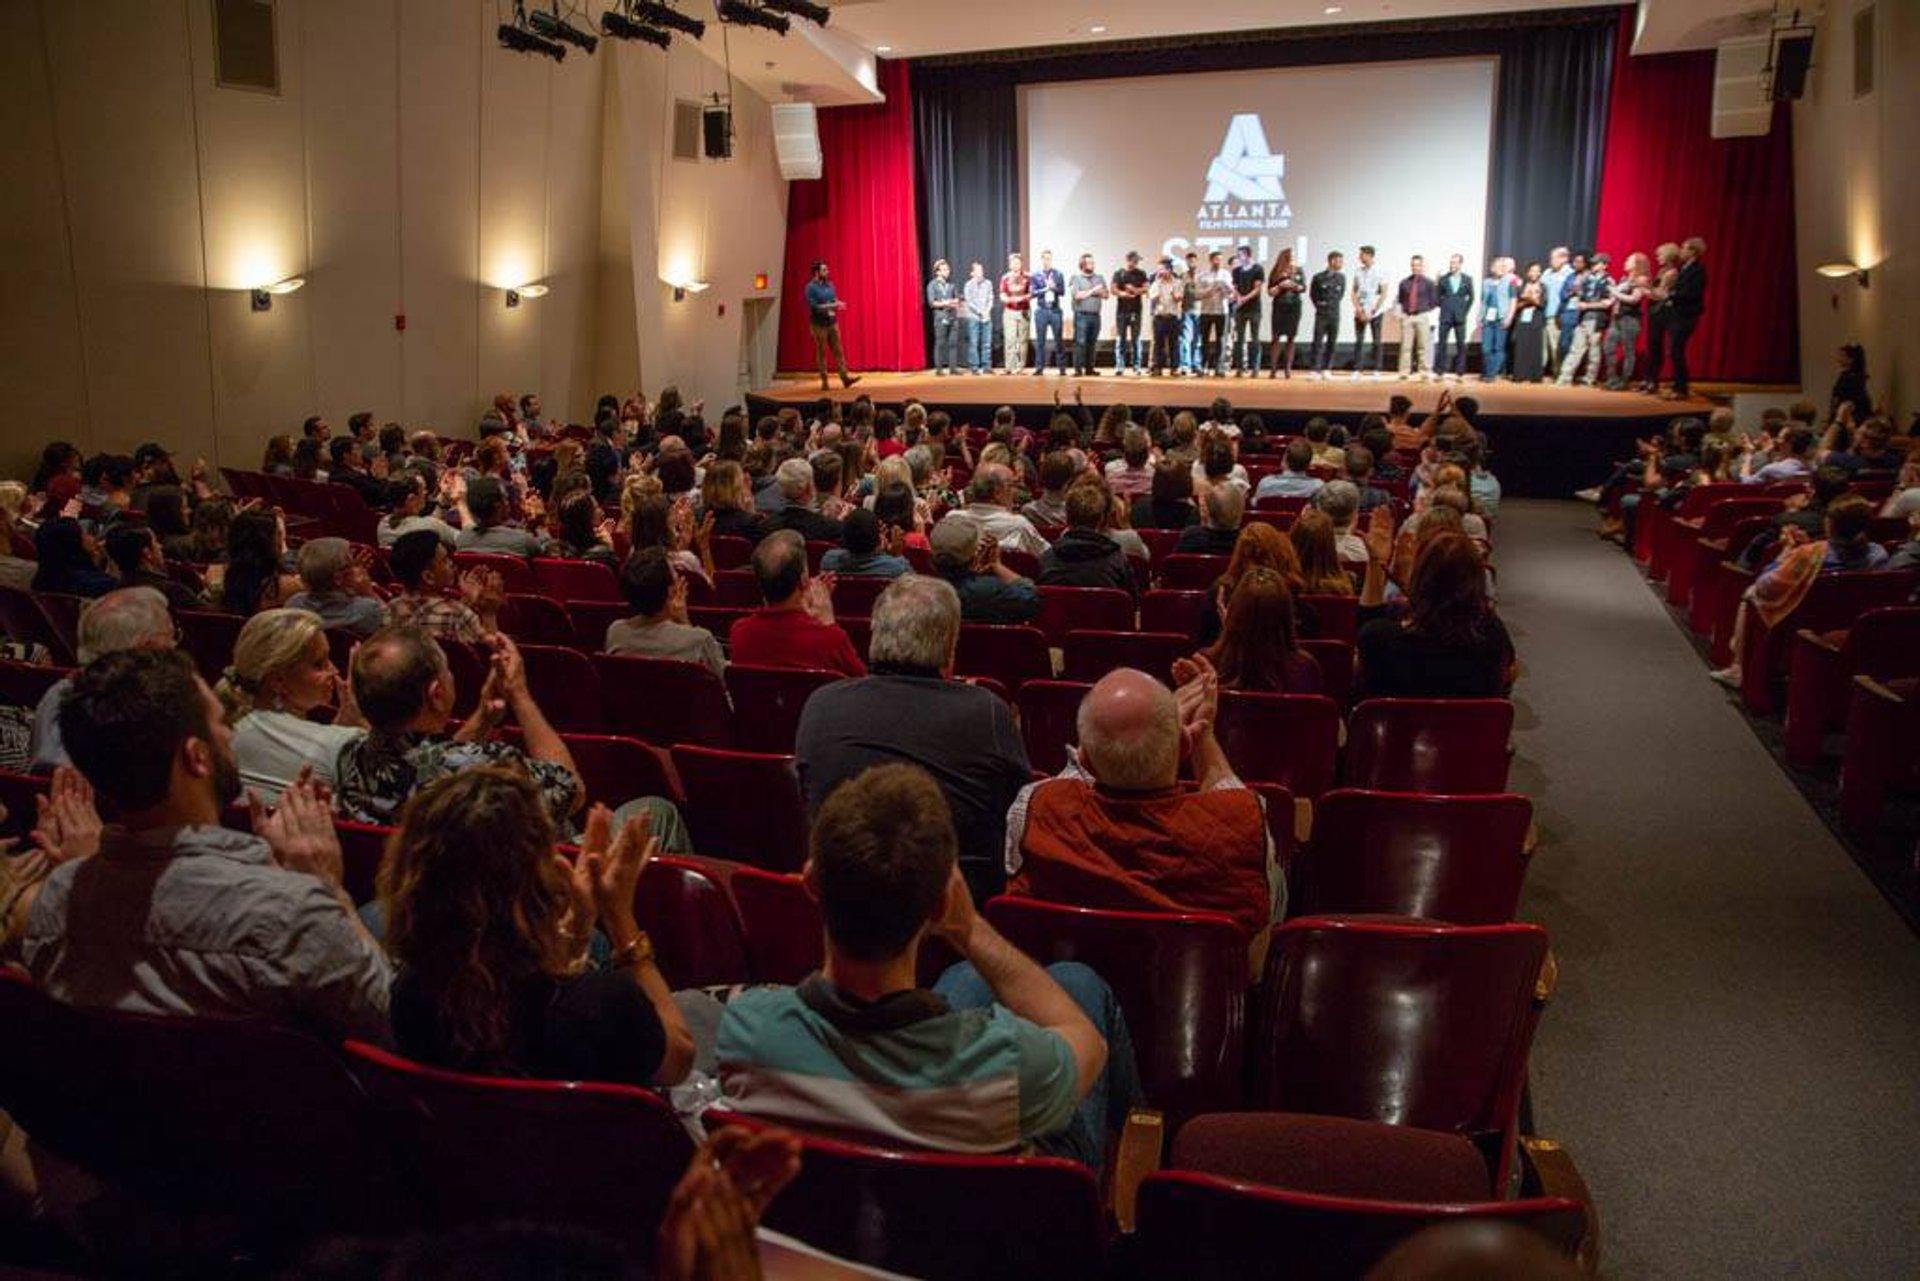 Best time for Atlanta Film Festival in Atlanta 2020